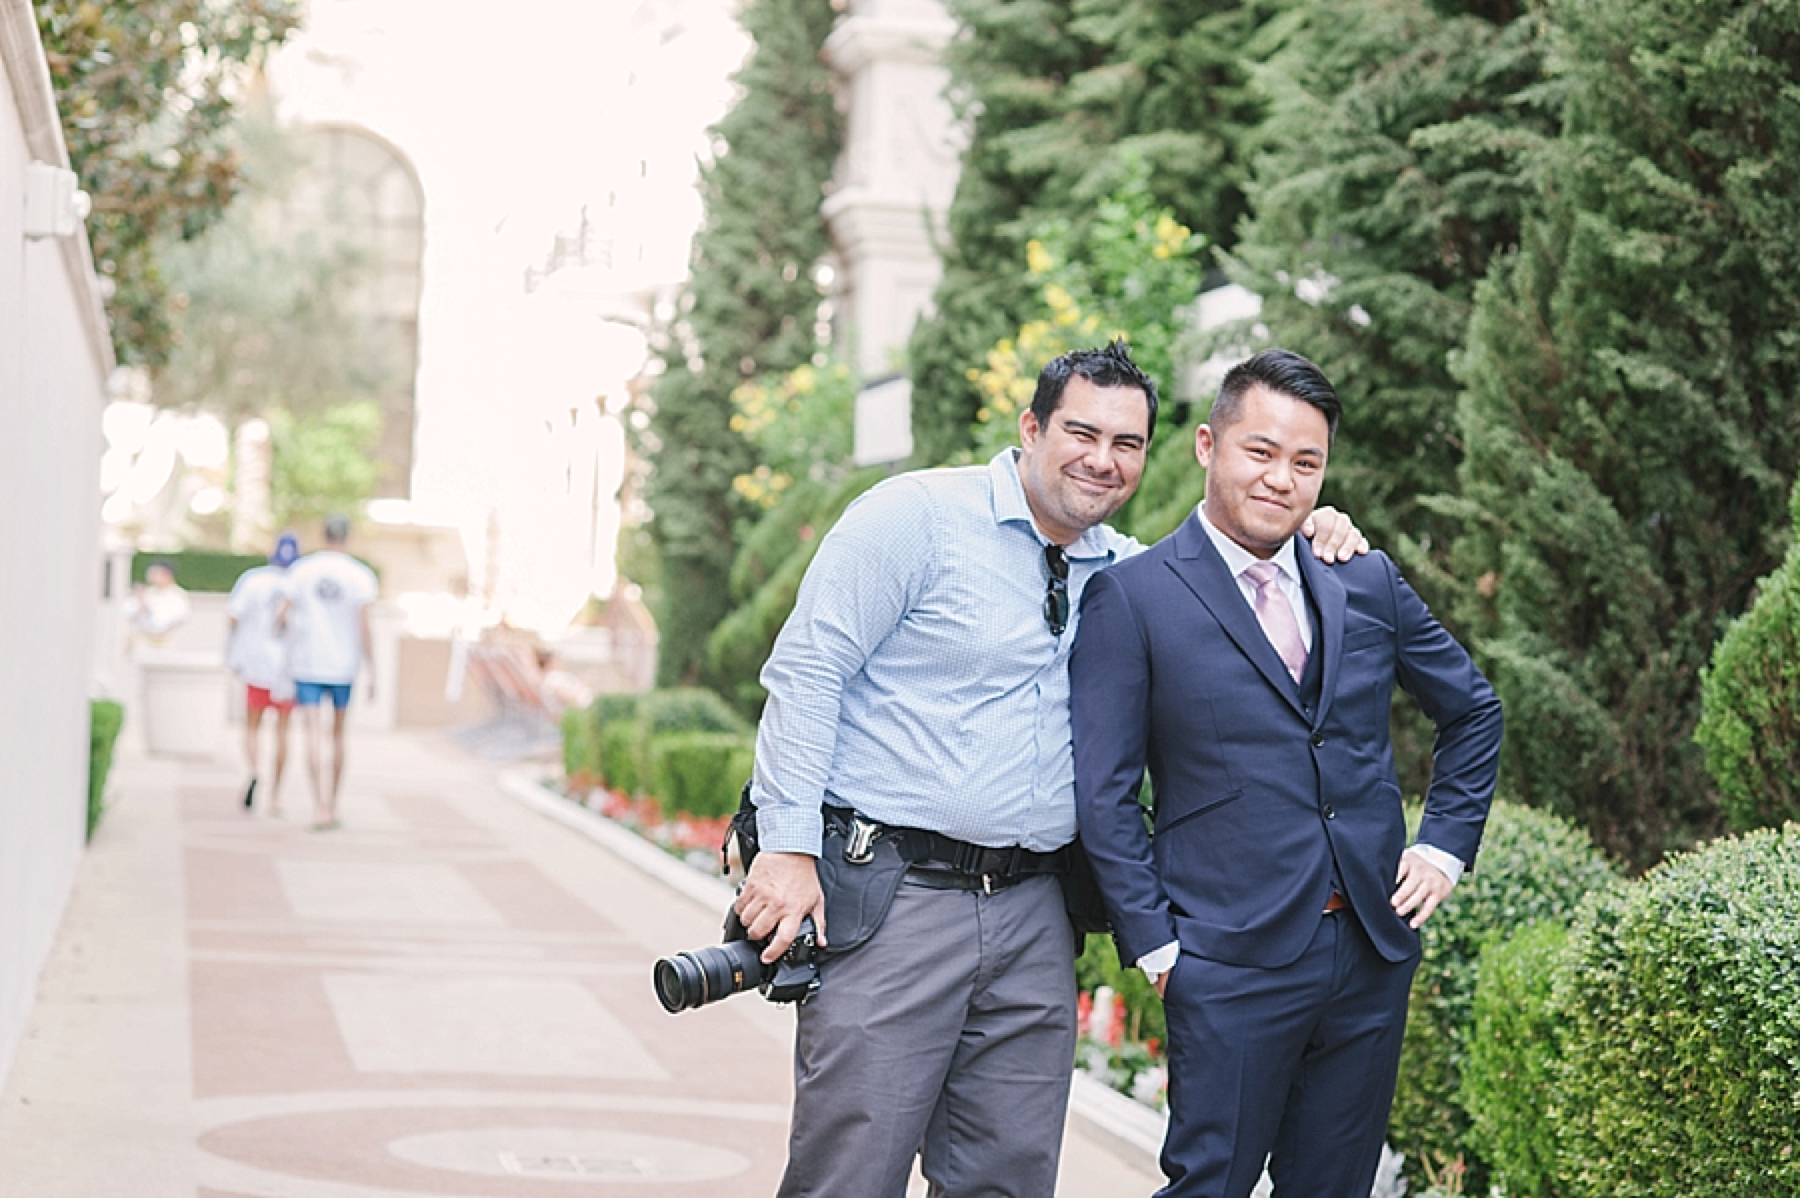 las_vegas_wedding_photographers_behind_the_scenes-03-5.jpg